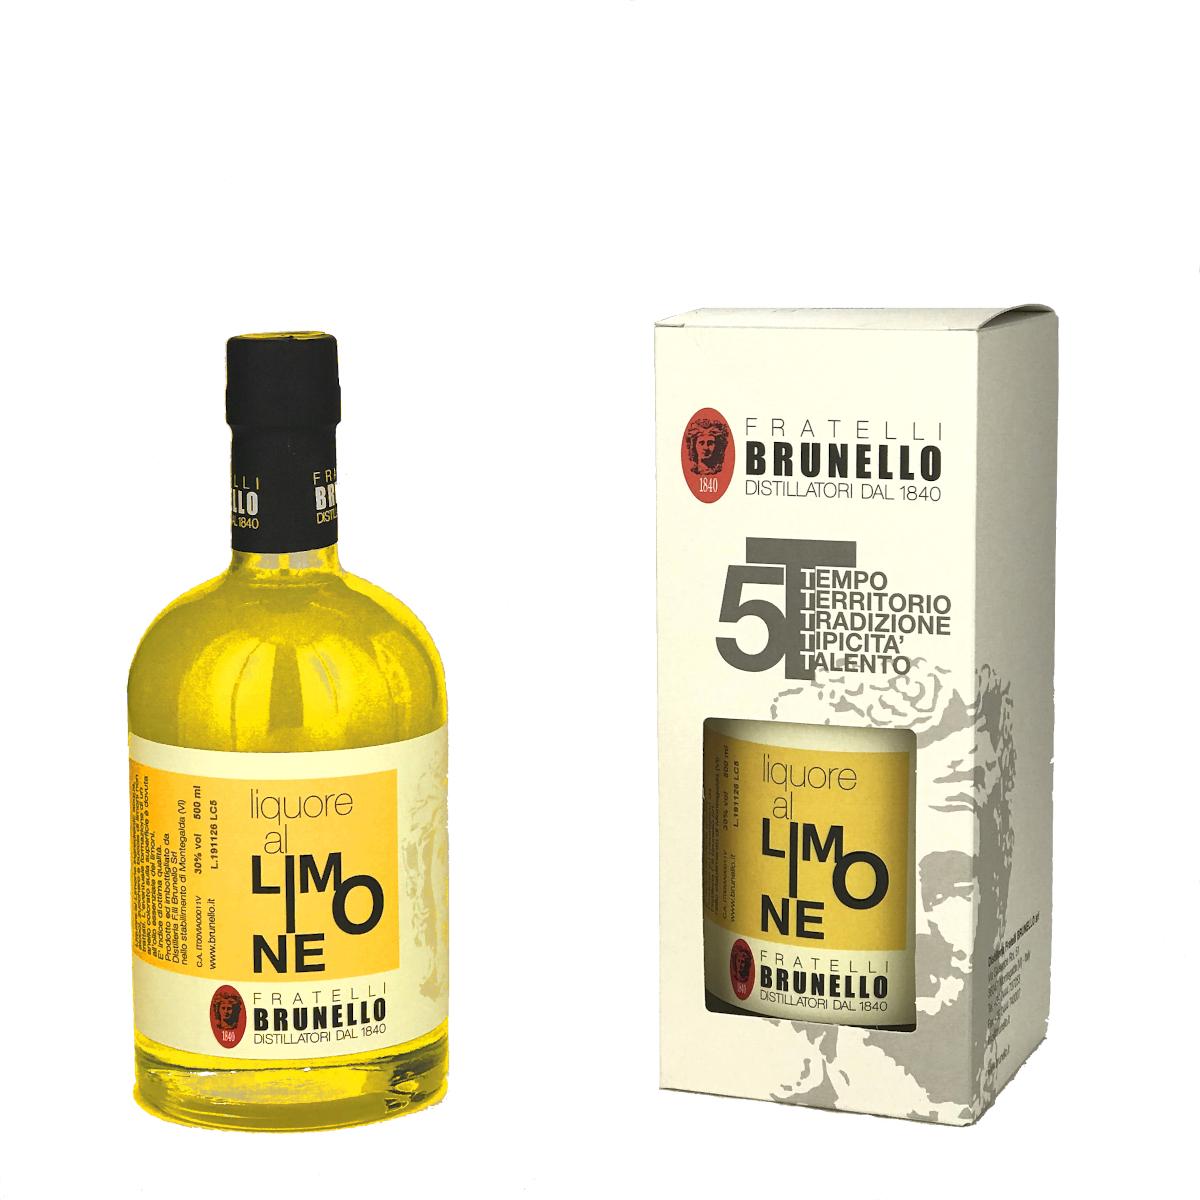 Liquore al Limone - Limoncello - Fratelli Brunello